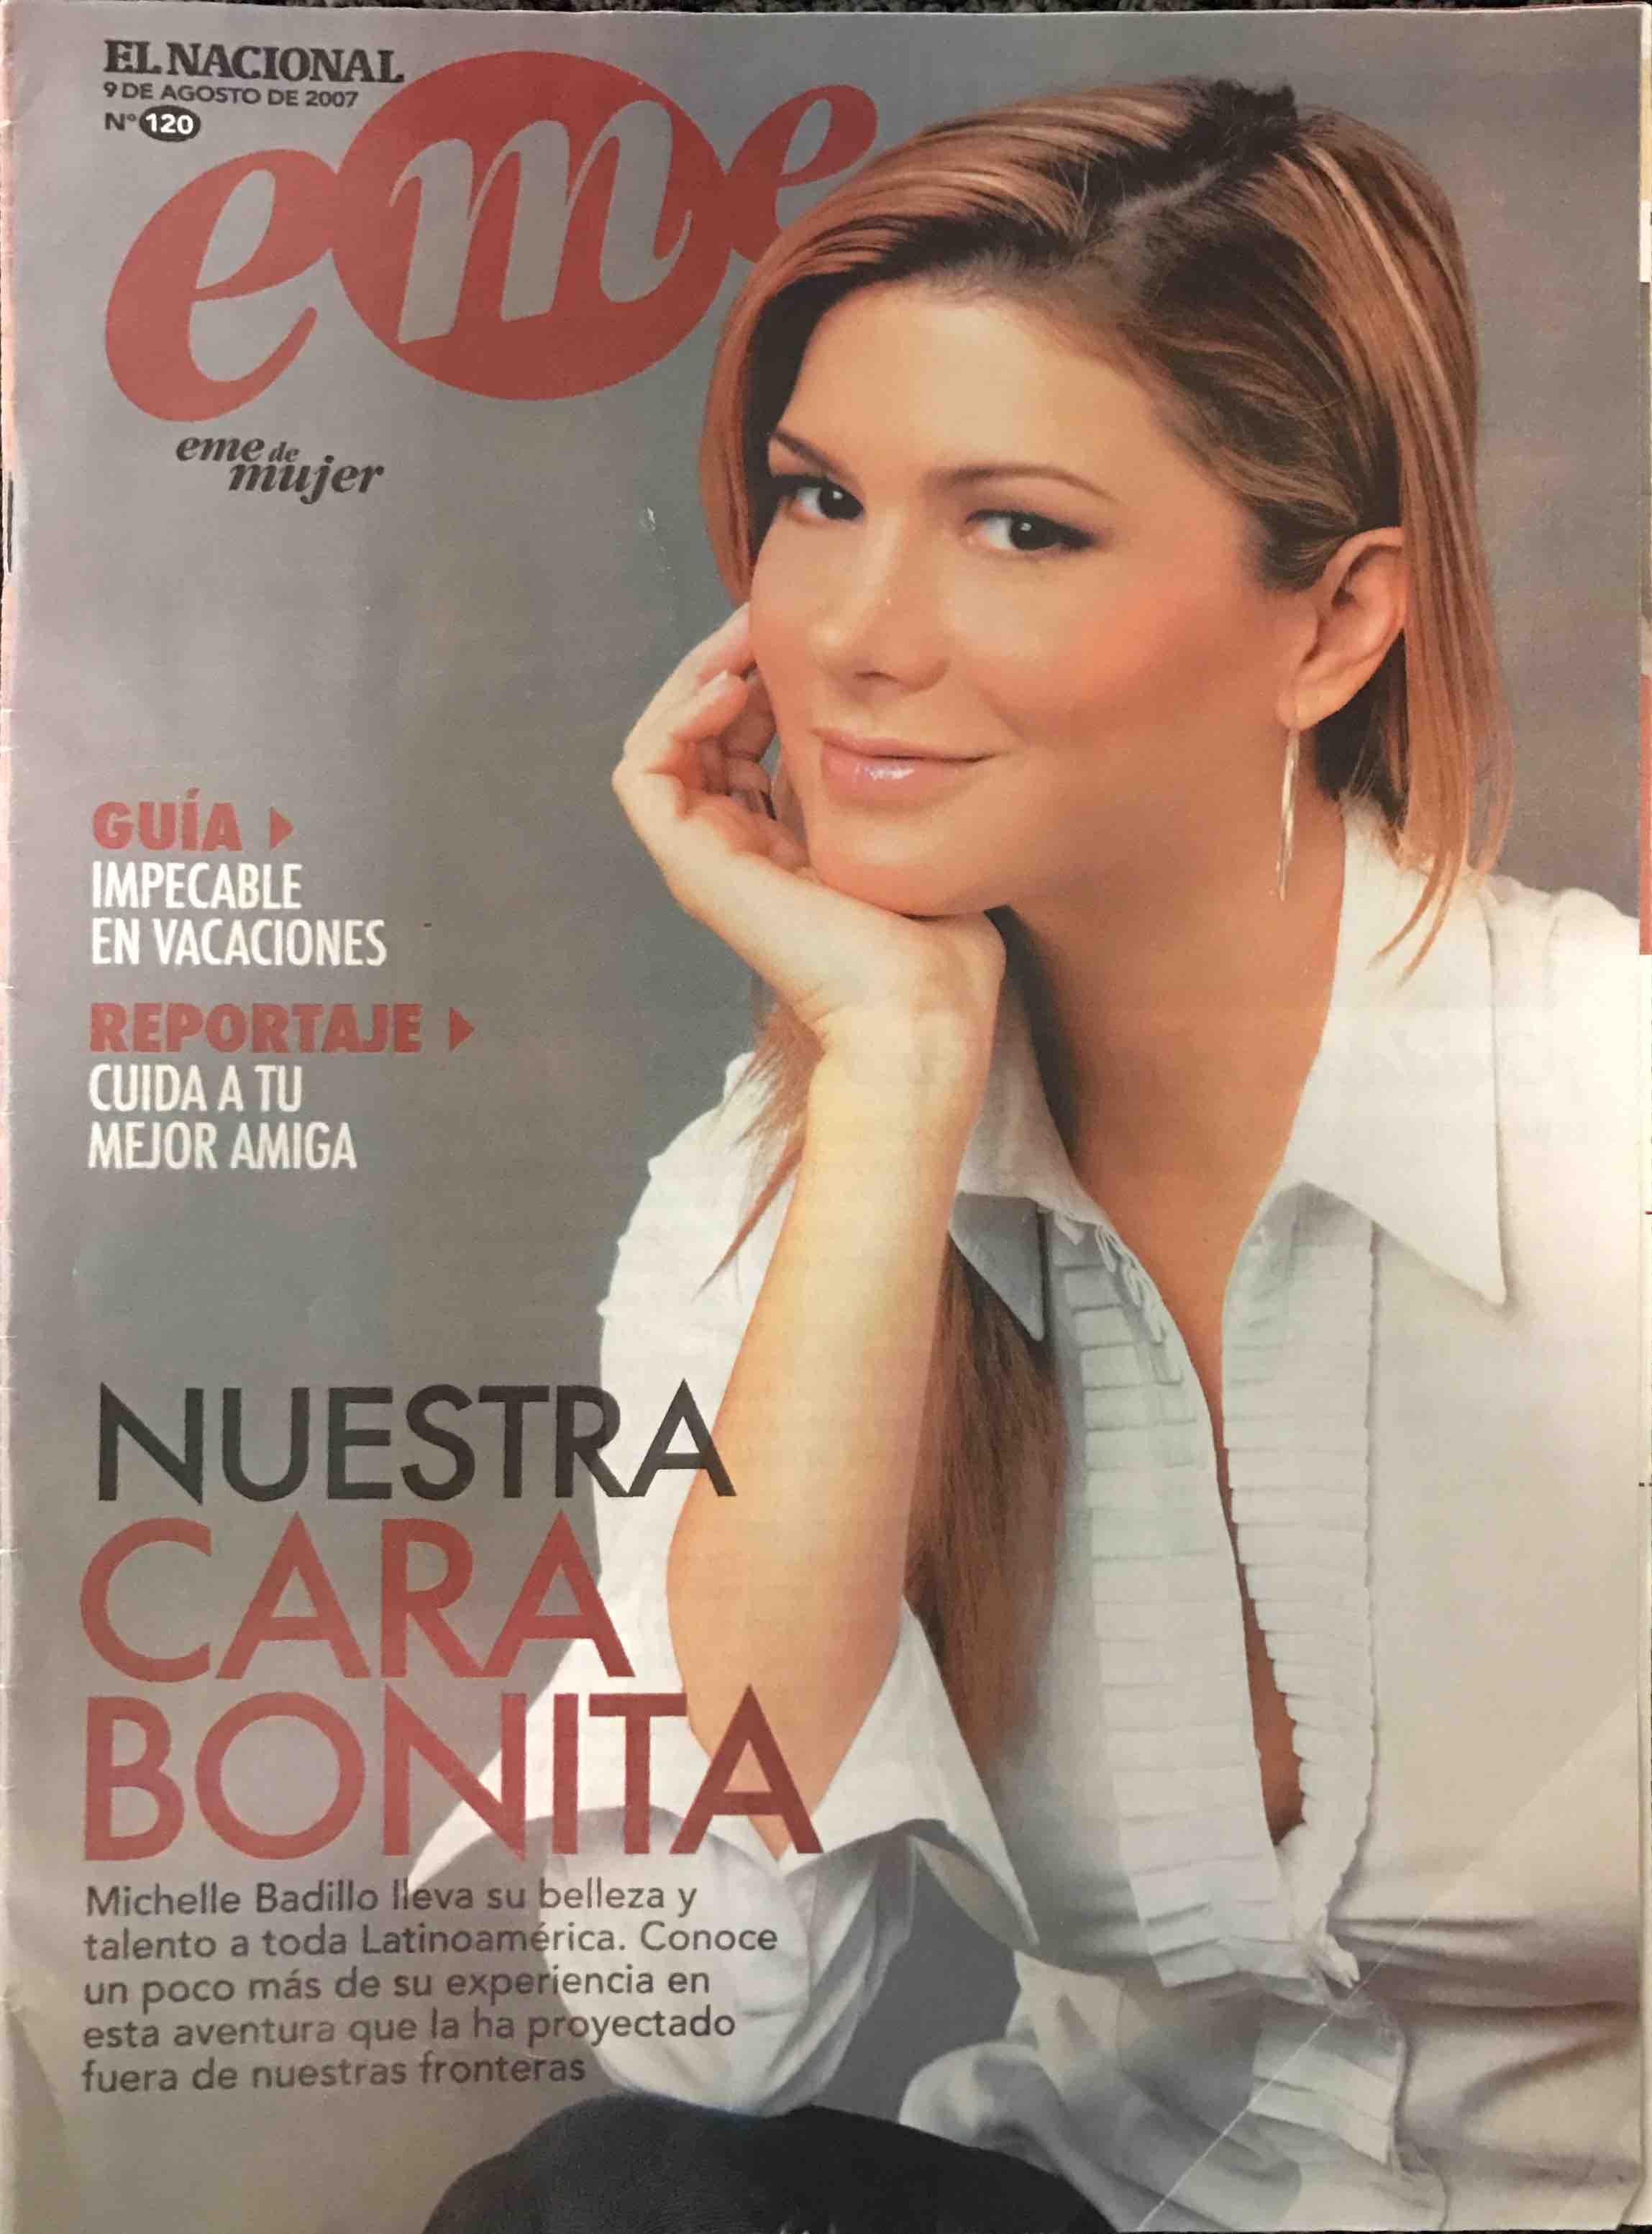 Nuestra Cara Bonita Michelle Badillo Eme - www.michellebadillo.com